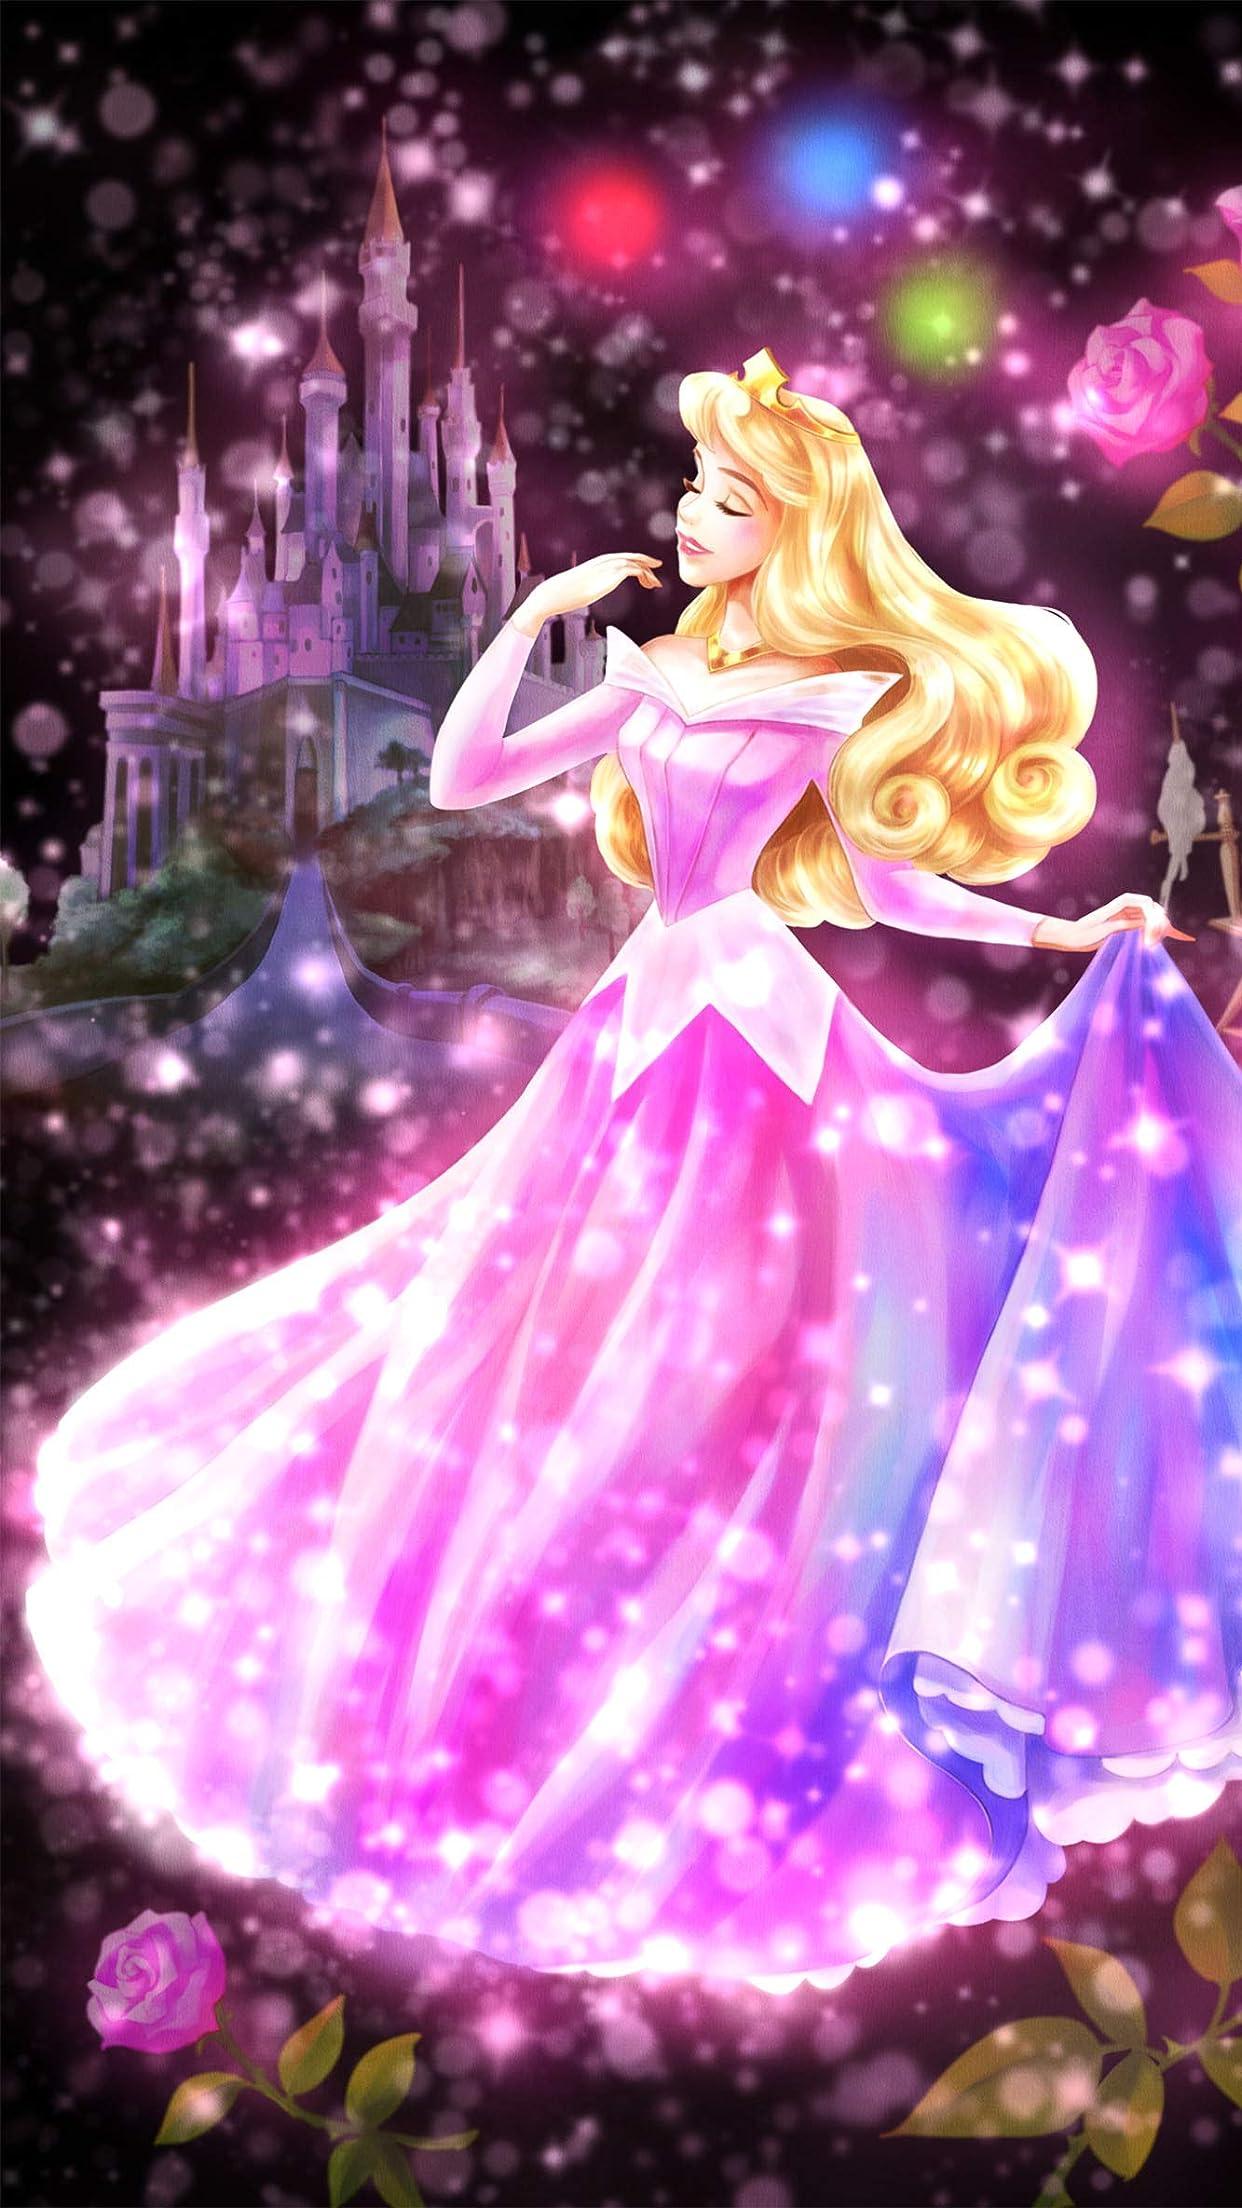 ディズニー 眠れる森の美女 恋する心の煌めき(オーロラ)  iPhone8,7,6 Plus 壁紙(1242×2208)画像